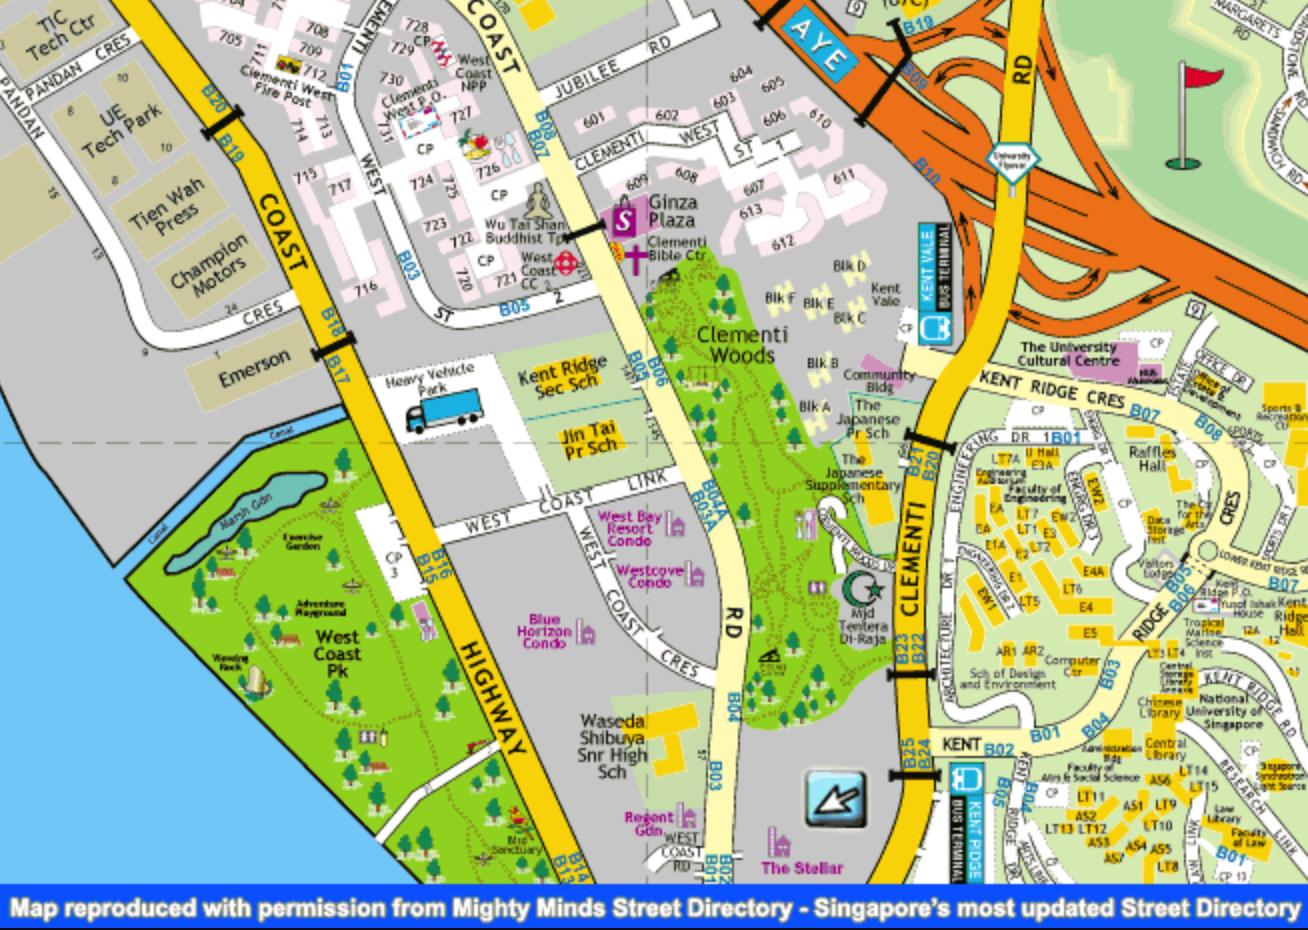 NUS_clementiwoods_map